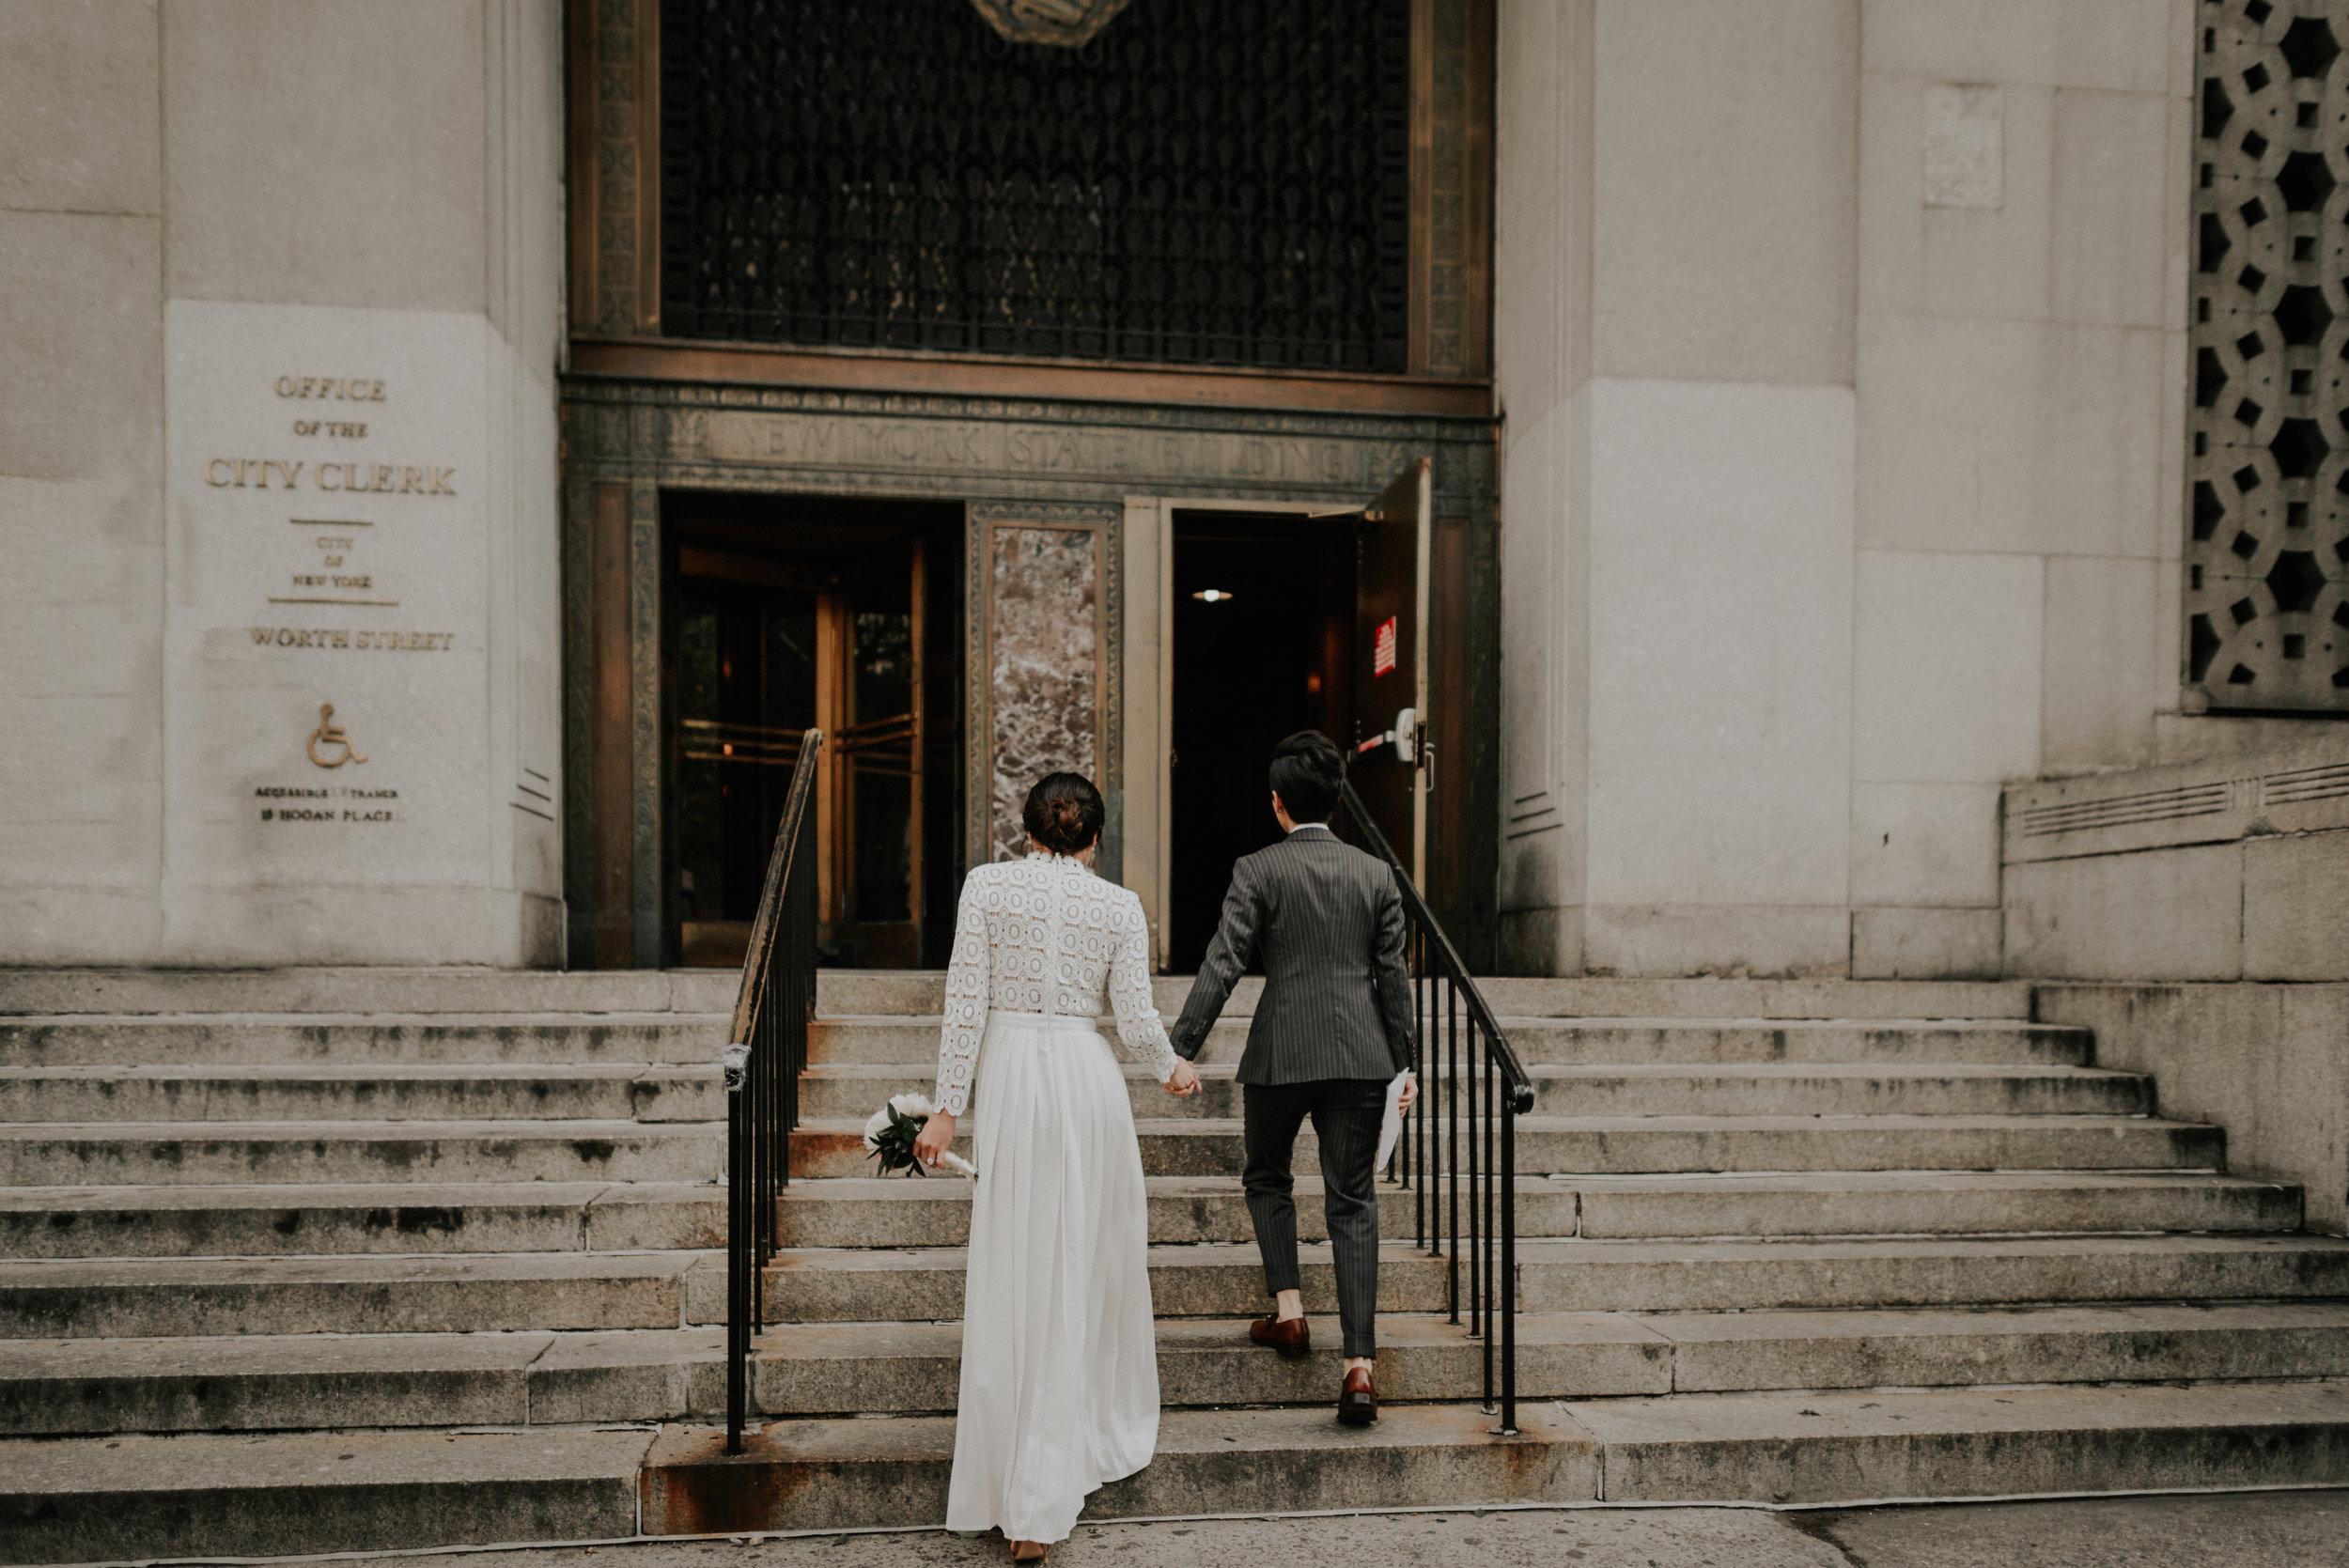 wildsoulsstudio-nyc wedding elopement-14.jpg